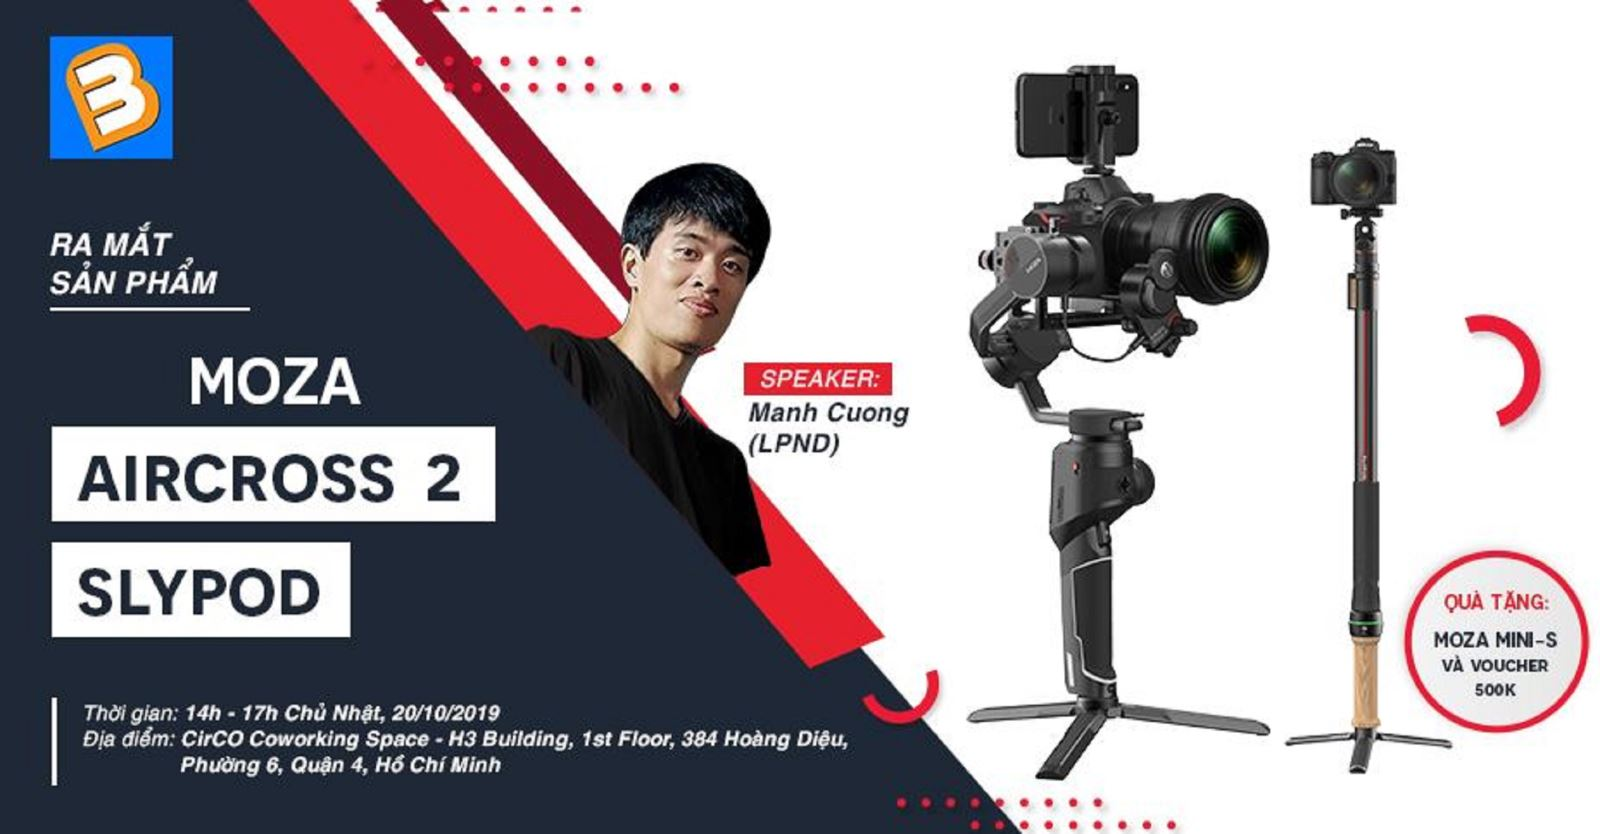 Workshop ra mắt và trải nghiệm sản phẩmMoza Aircross 2 và Slypod